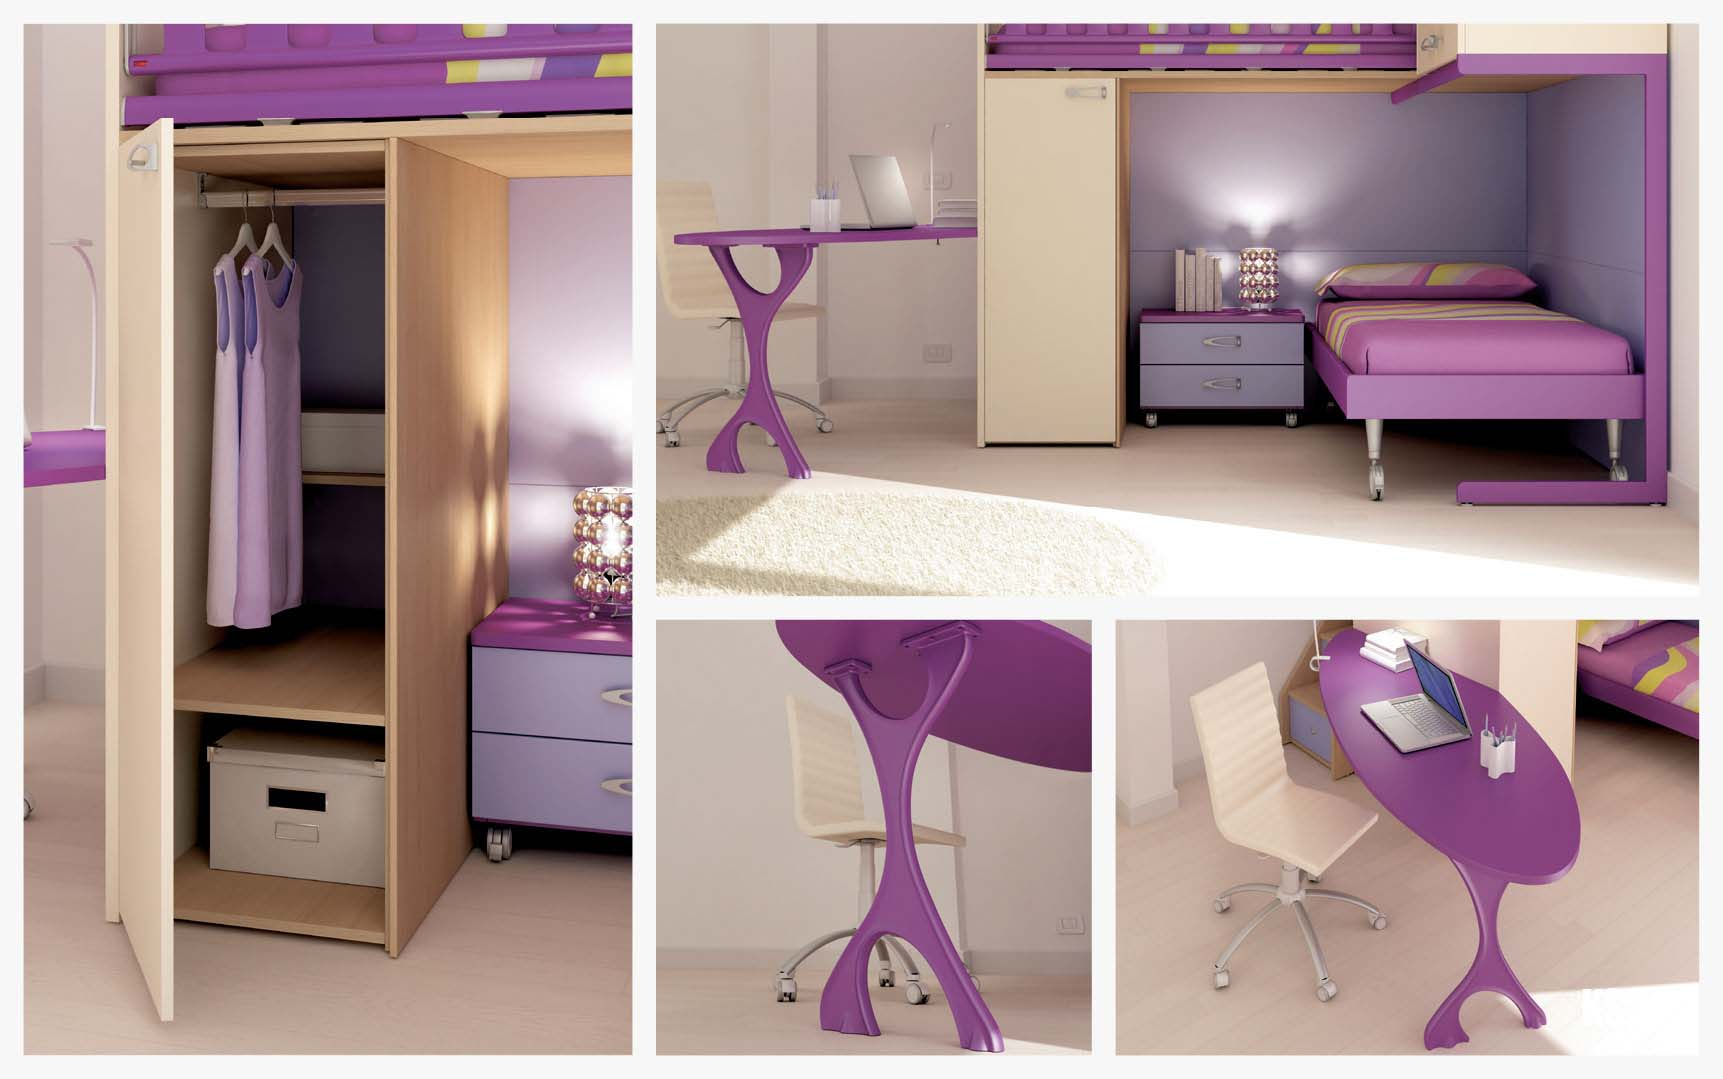 chambre enfant color e compact pratique moretti compact so nuit. Black Bedroom Furniture Sets. Home Design Ideas